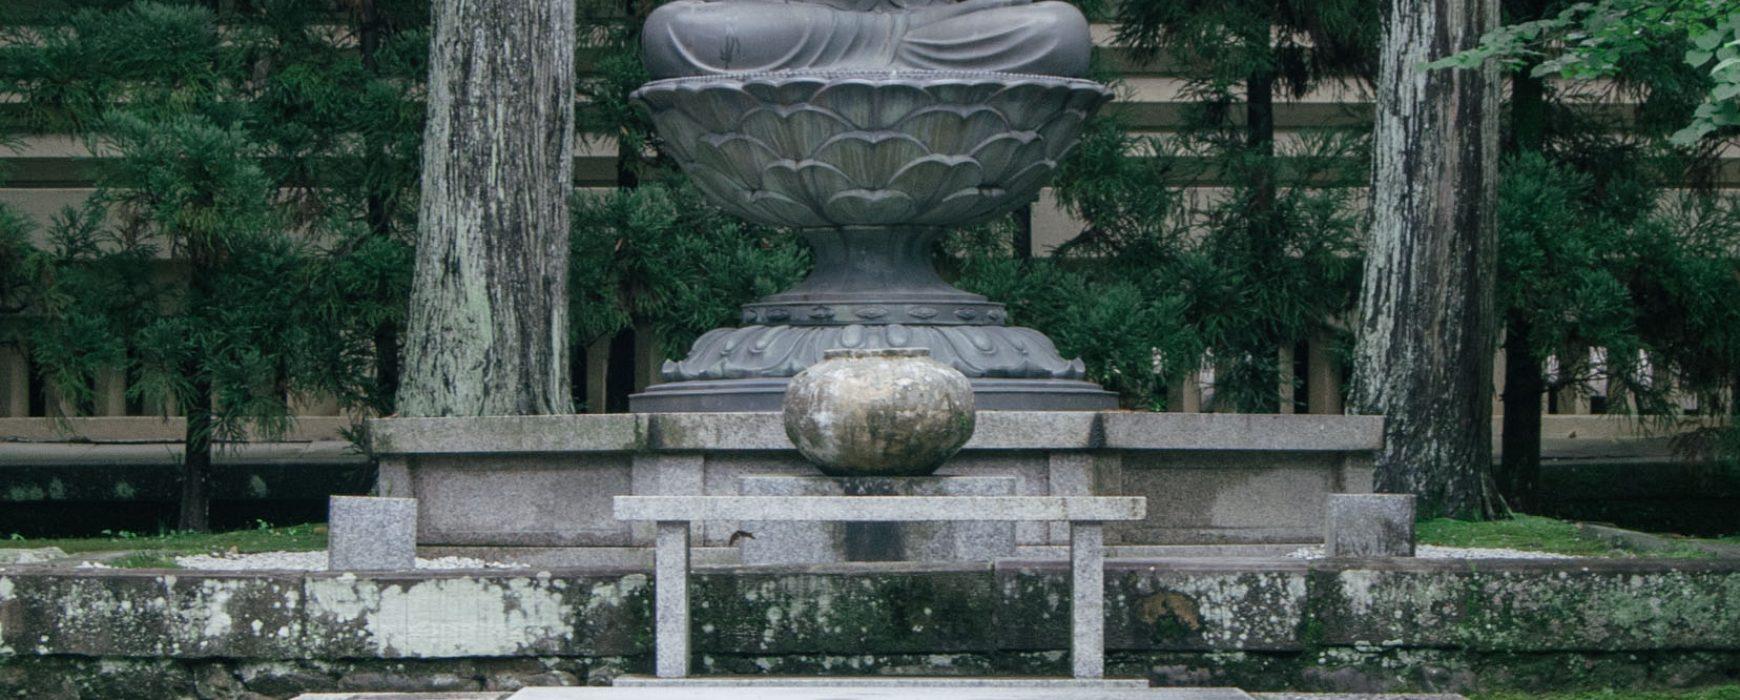 研究群3.3 雕像中的文本